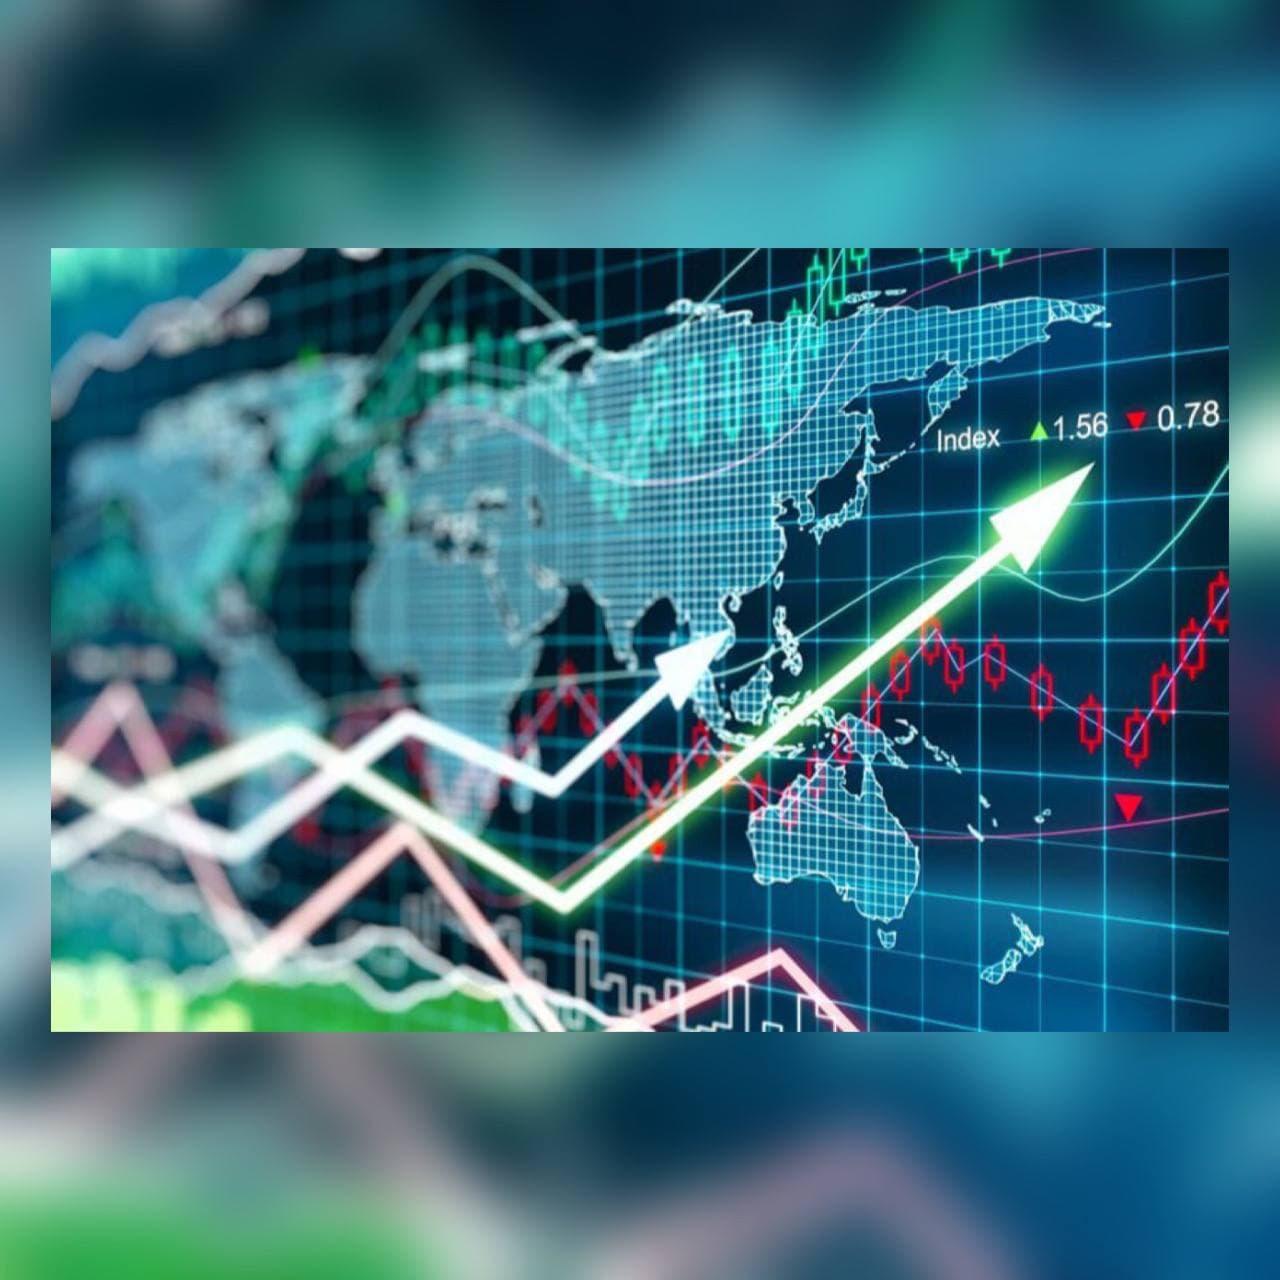 افاق الاقتصاد العالمي بعد عام من تفشي الجائحة